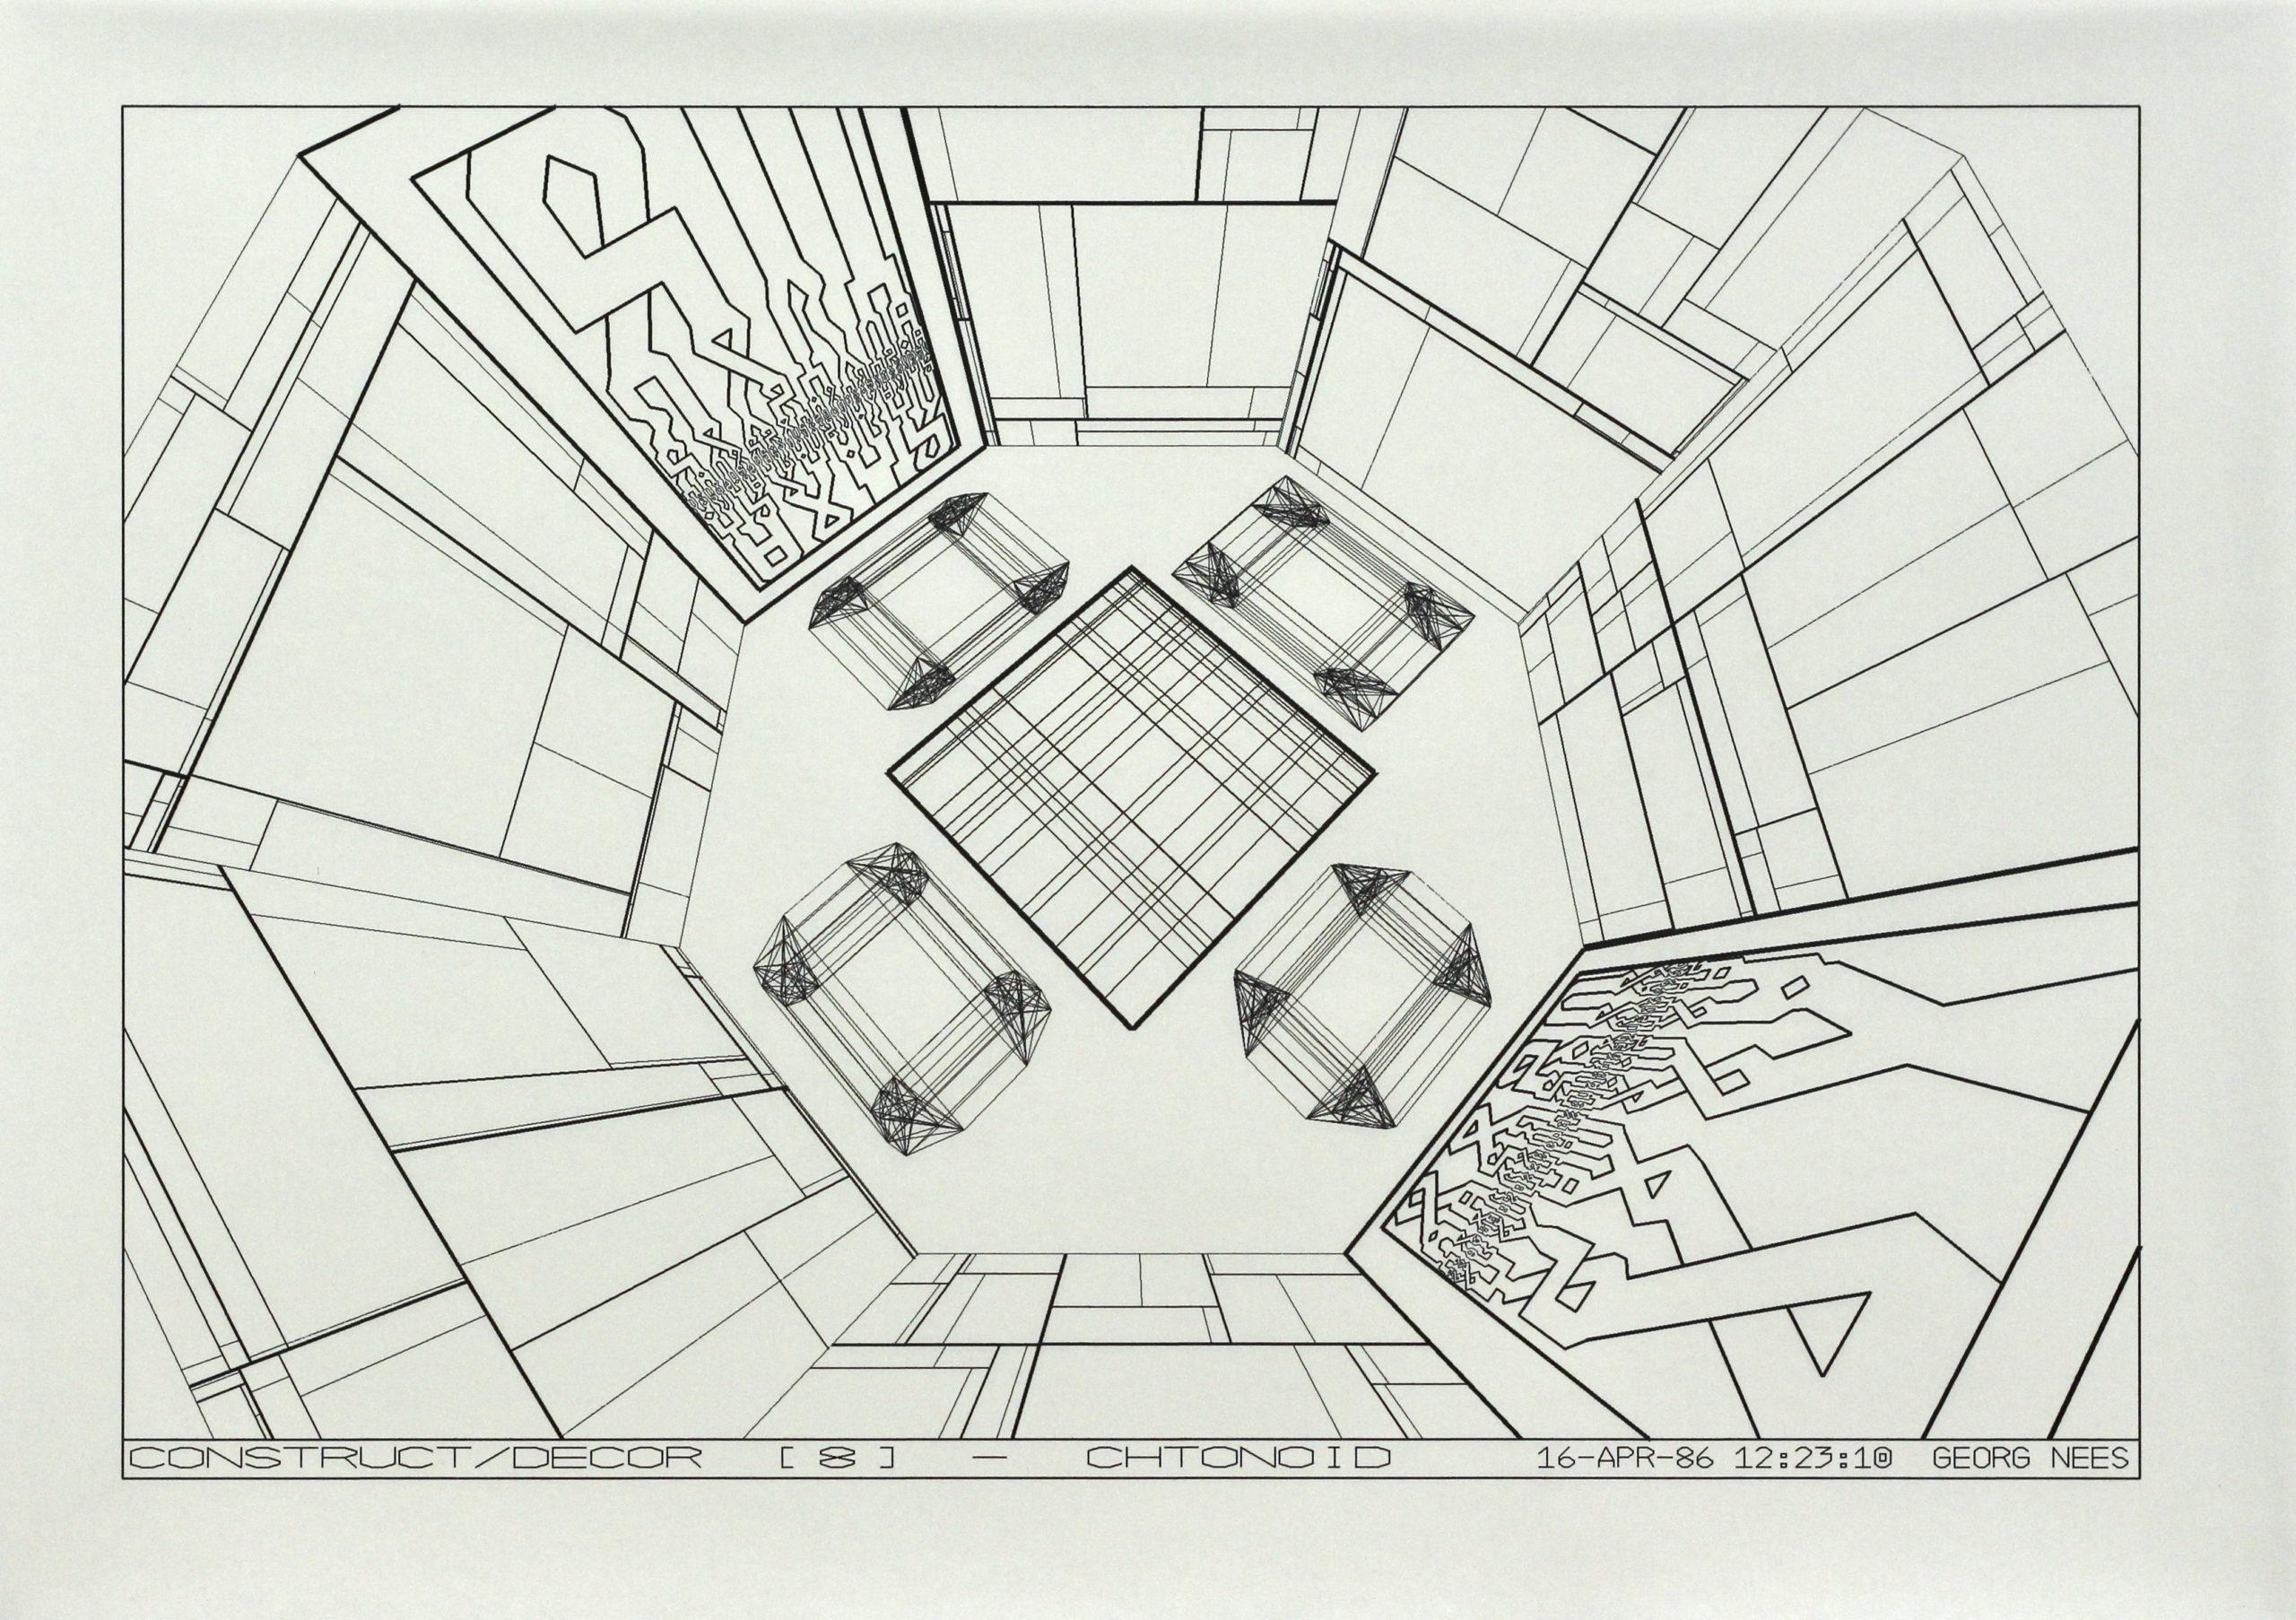 Georg Nees, Construct/Decor [8] Chtonoid, Laserdruck, 25 x 36 cm, 16 Apr 86, signiert and datiert als Teil des Druckes Georg Nees, 6 Exemplare,  Preis: 400 Euro